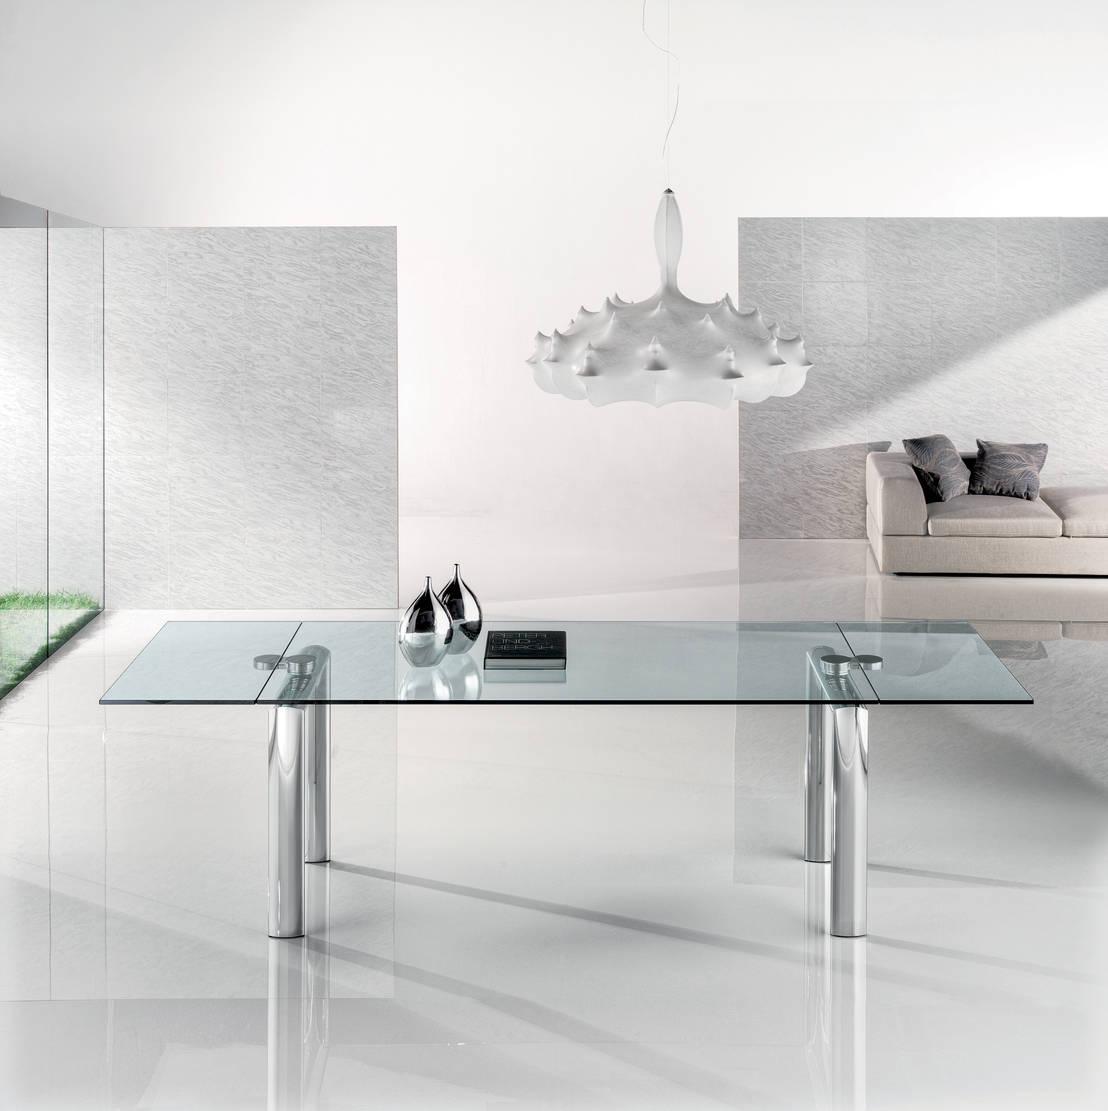 Tavoli In Cristallo Allungabili Reflex.Tavolo Policleto Q By Reflex Homify